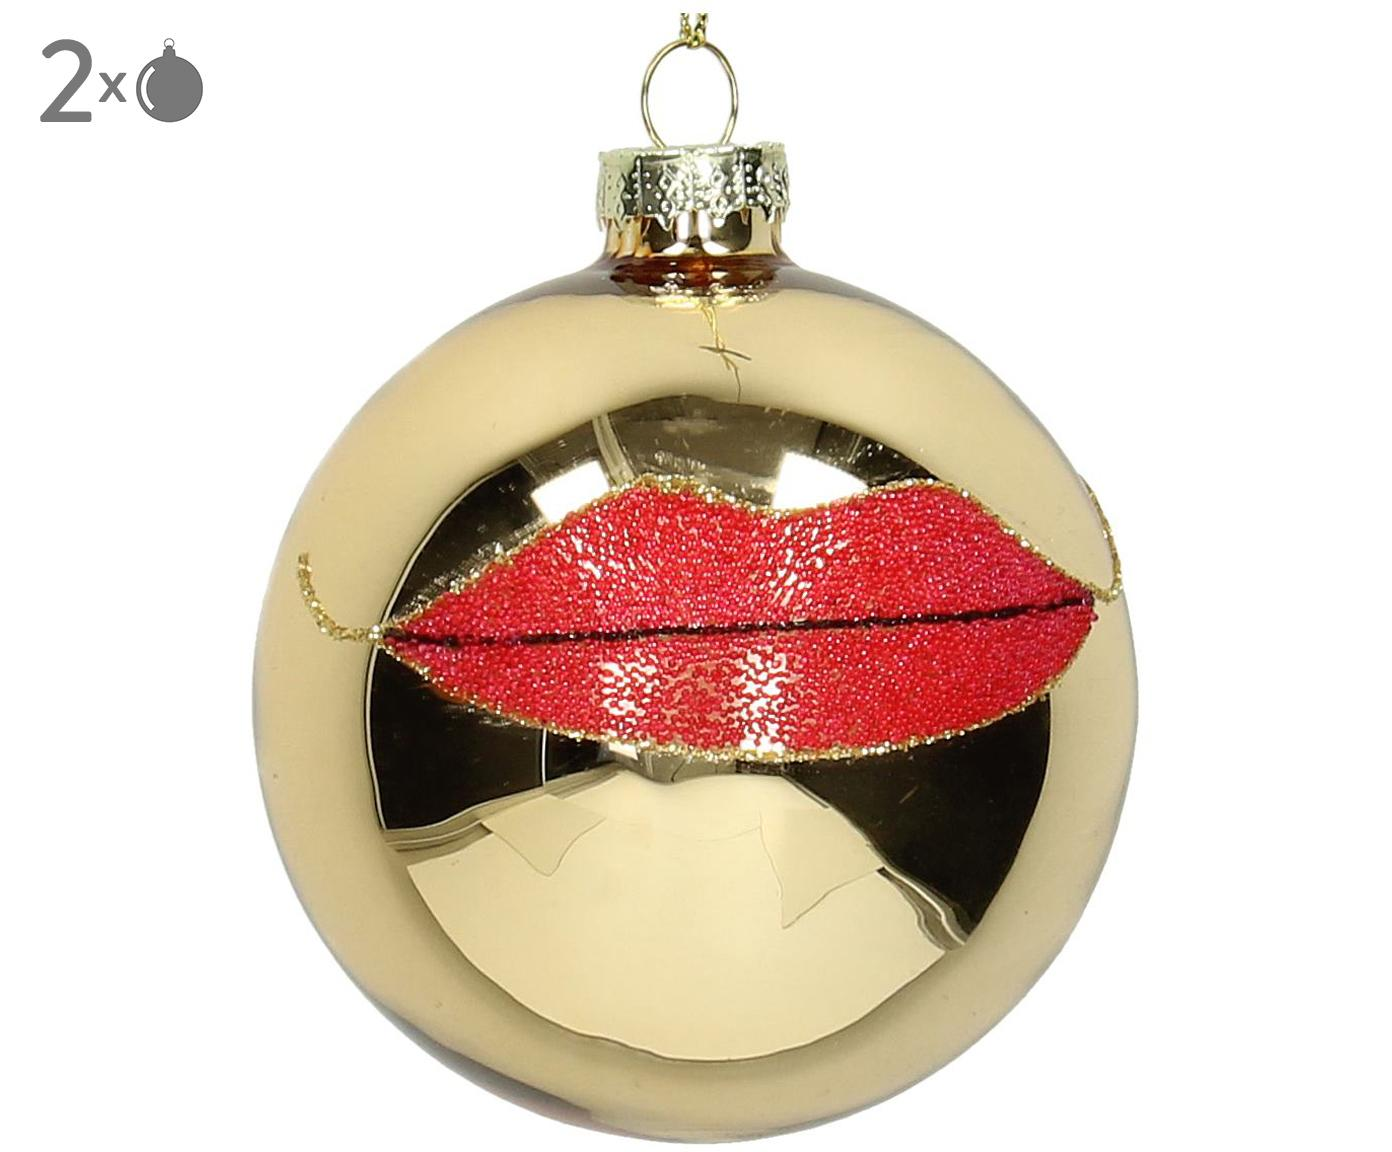 Kerstboomhangers Lips, 2 stuks, Goudkleurig, rood, glanzend, Ø 8 cm